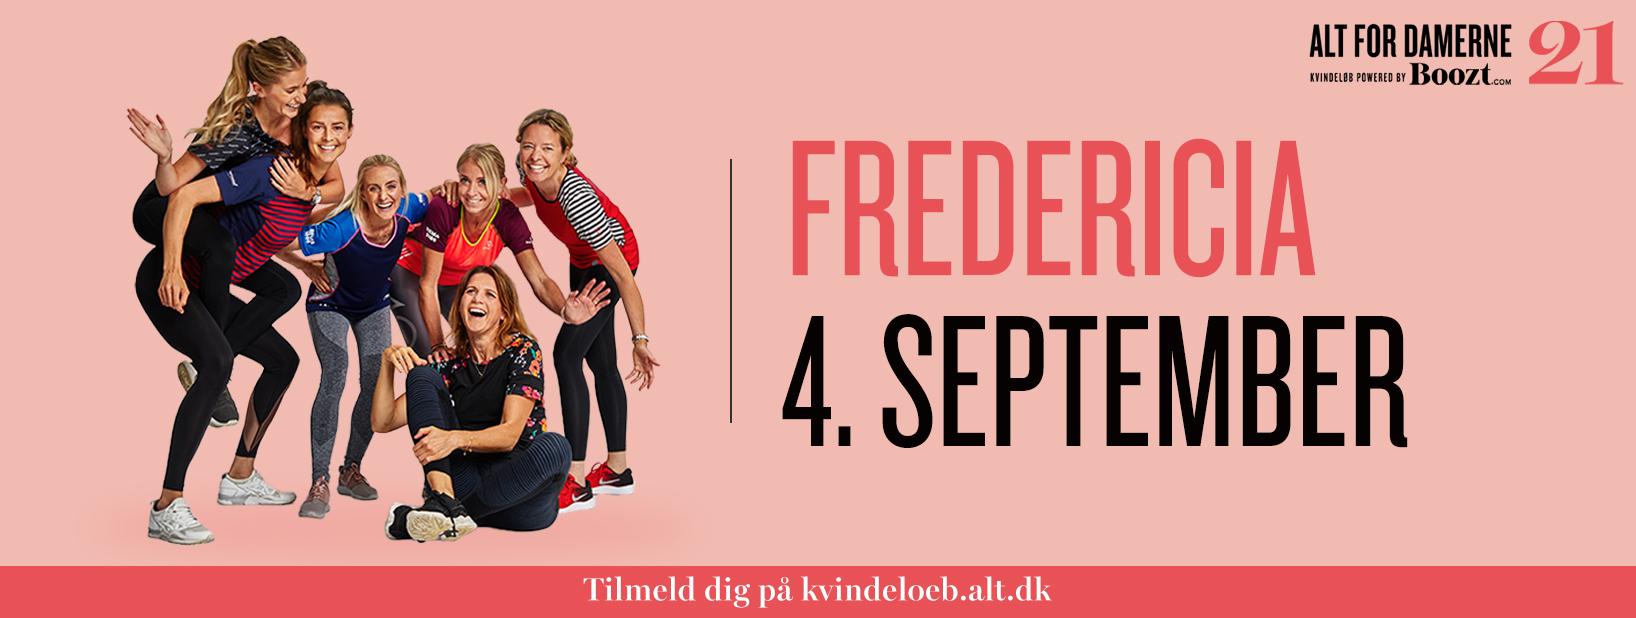 ALT for damernes Kvindeløb – Fredericia – 4. september